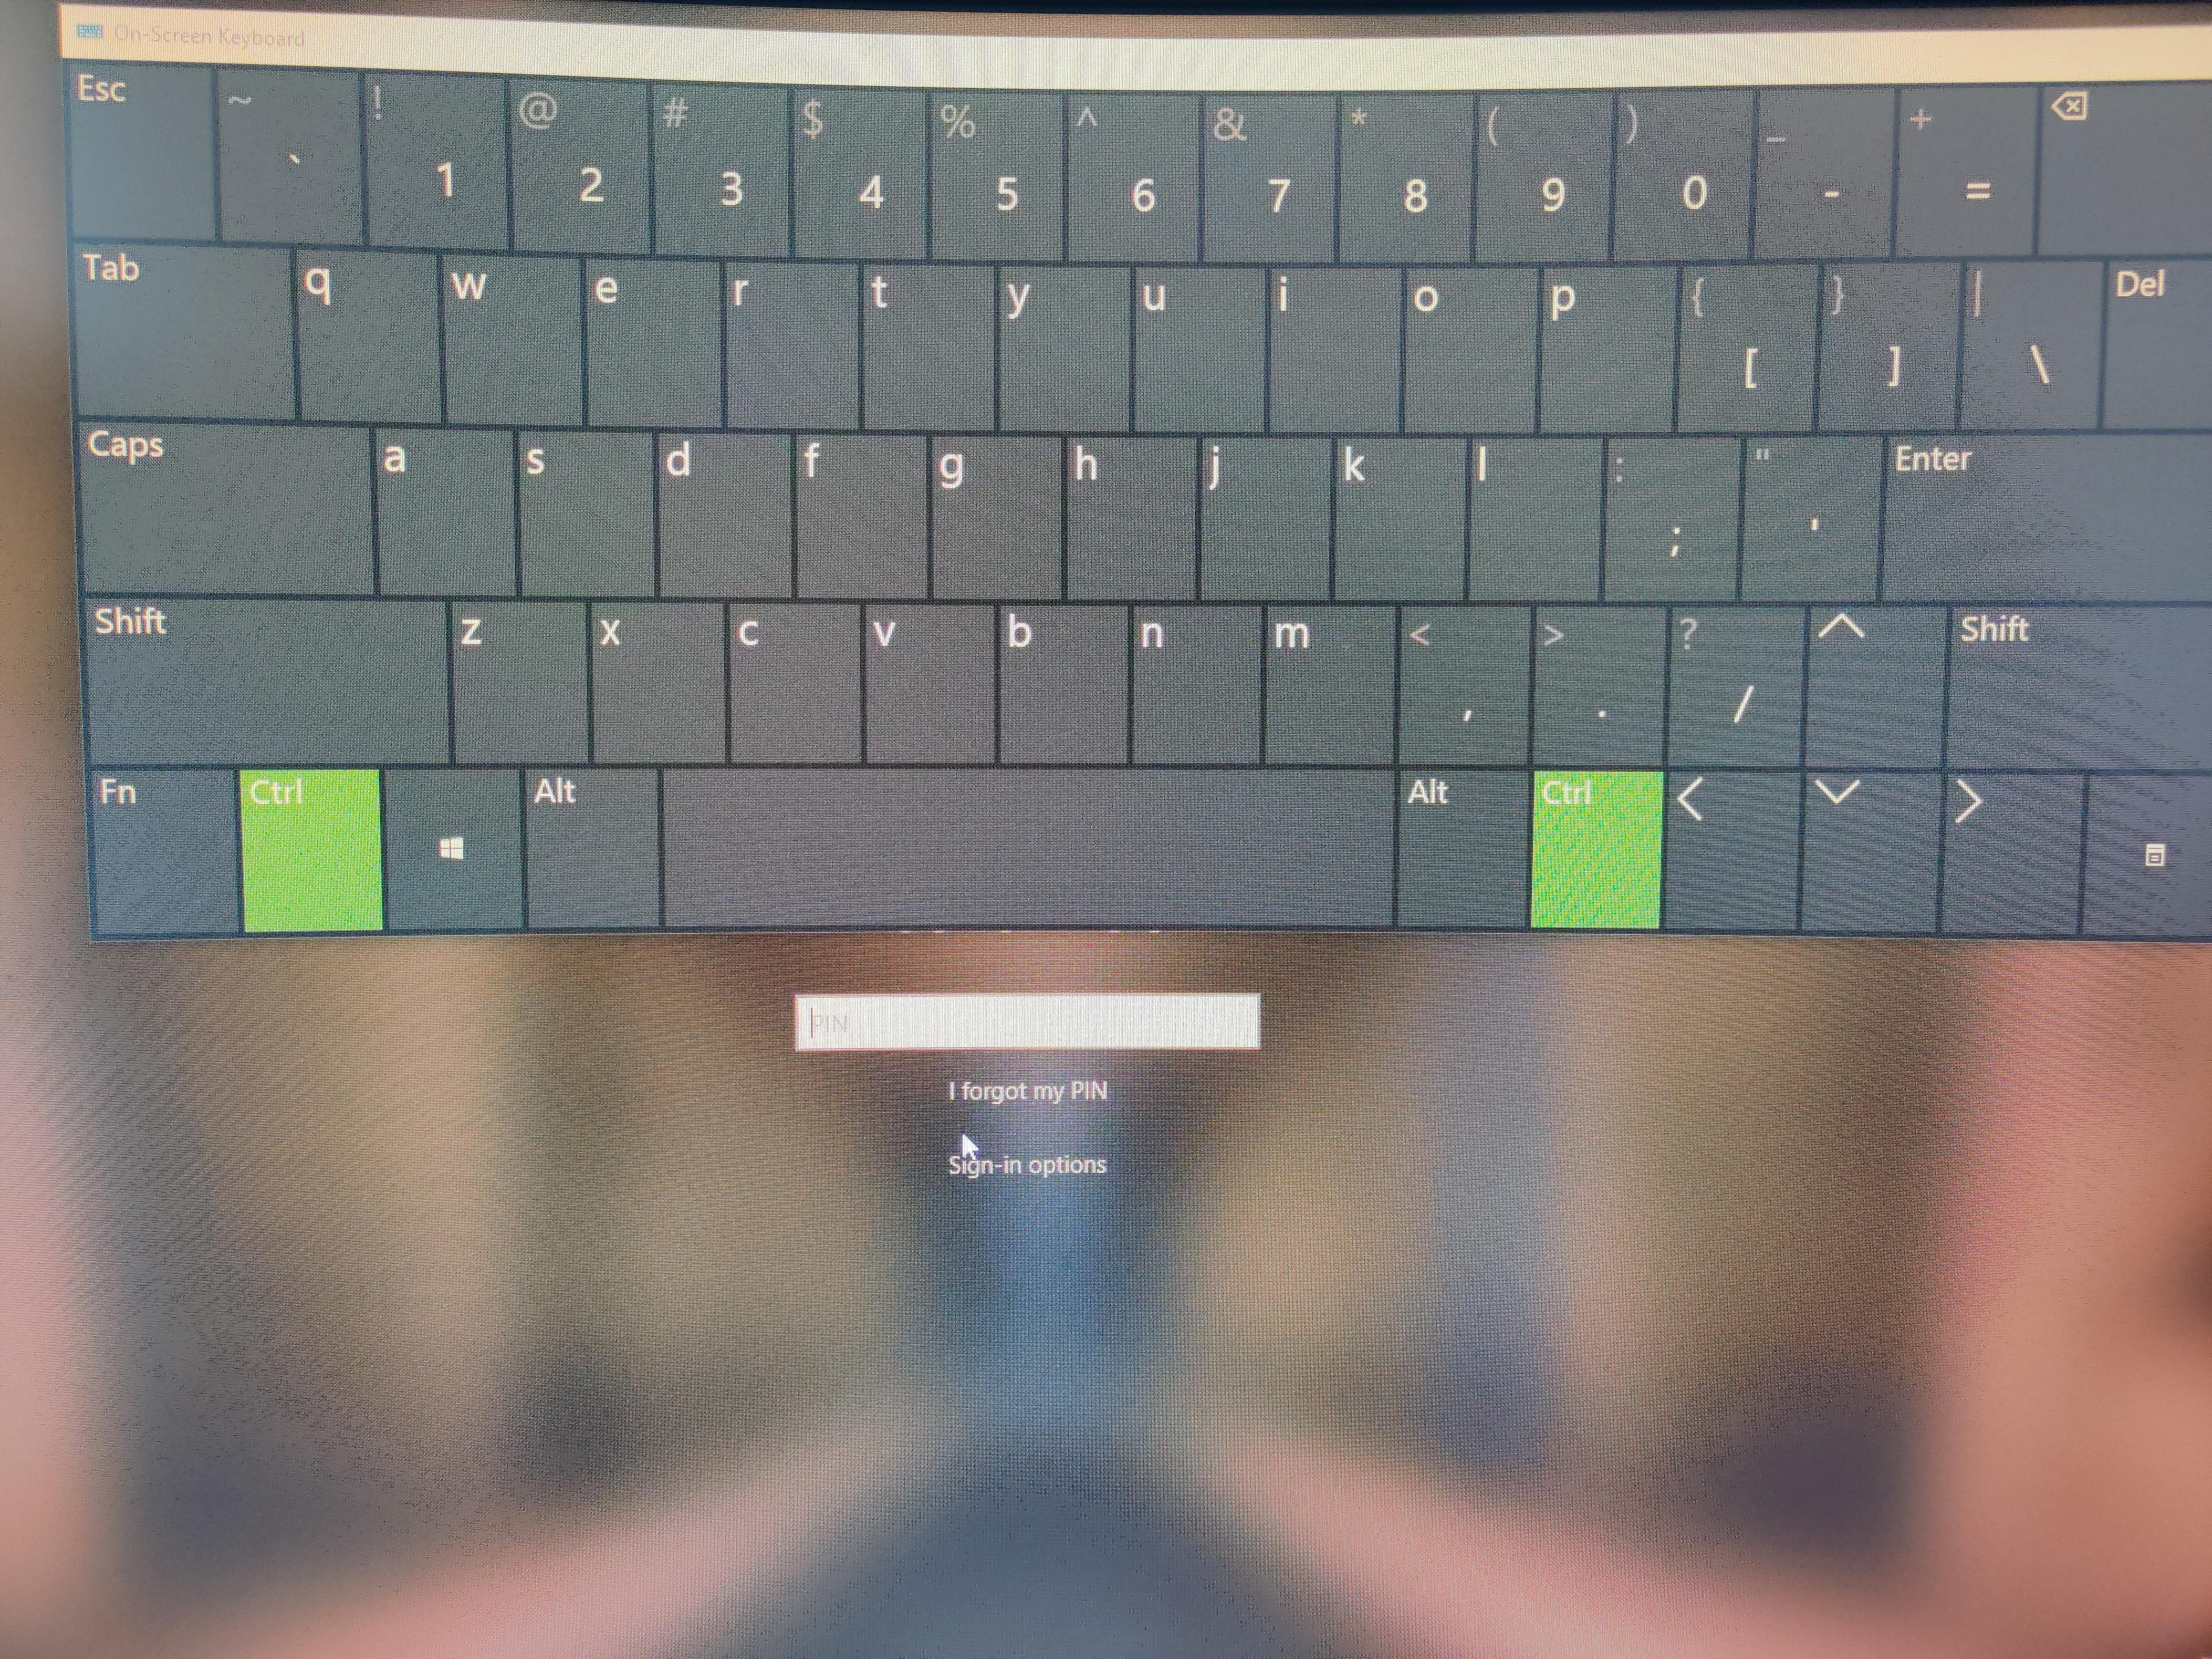 Ctrl key keeps being pressed - Microsoft Community